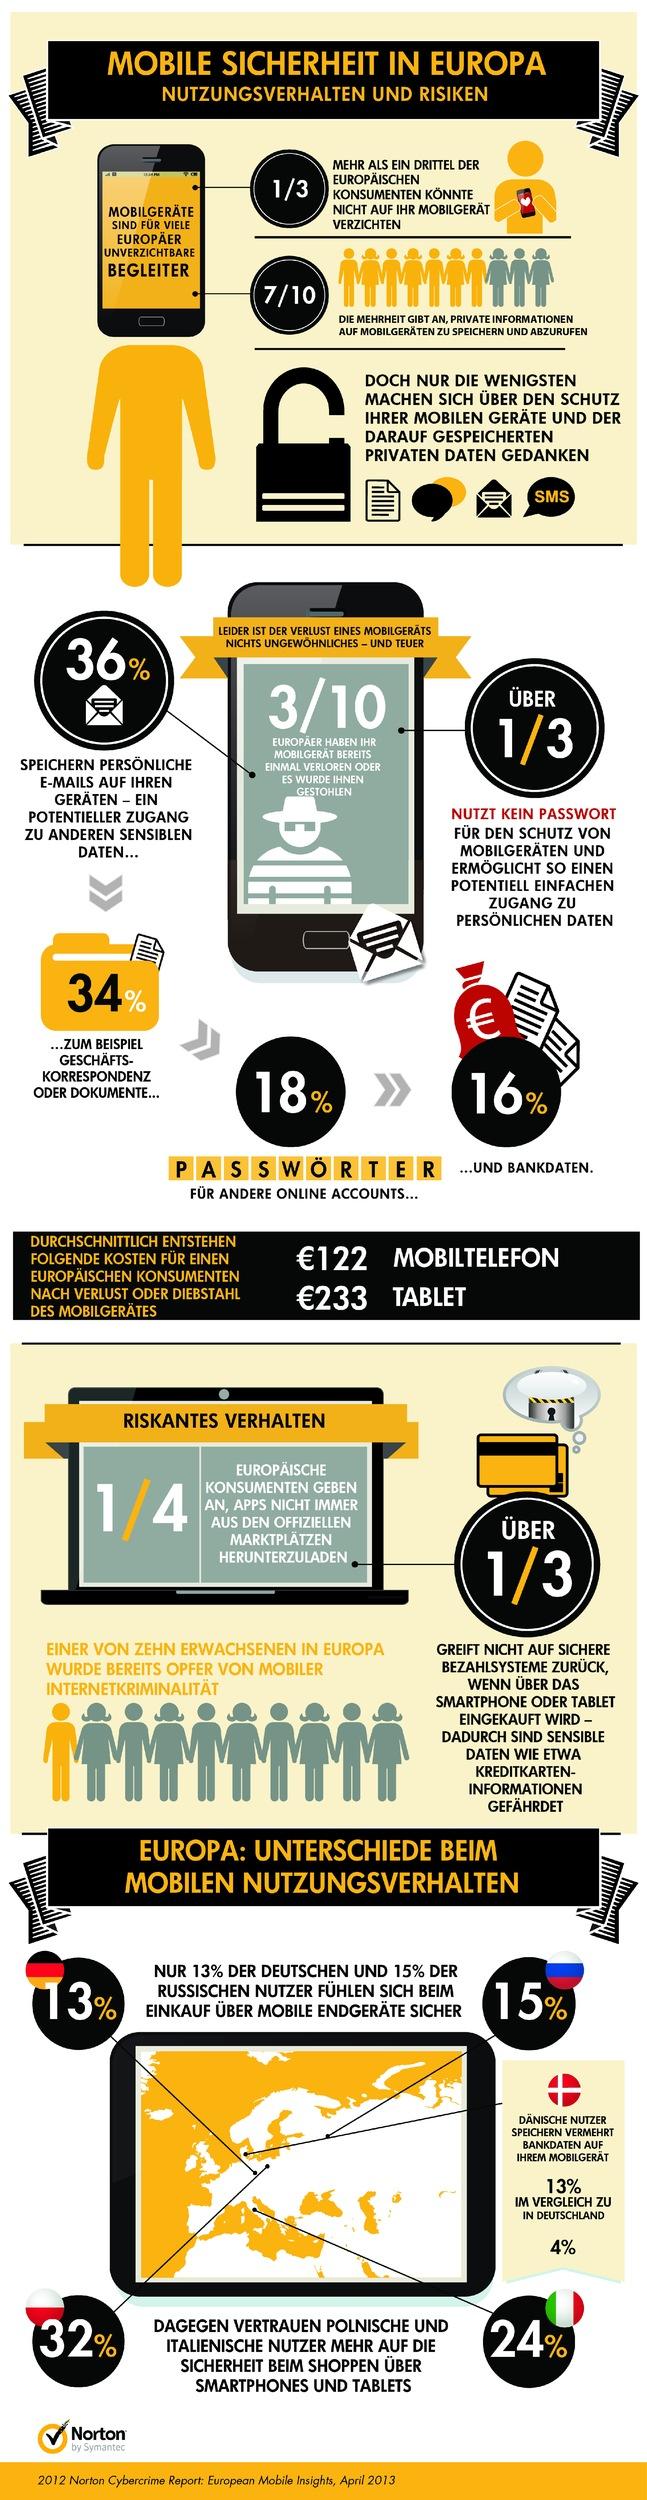 Norton-Studie zeigt: Bei mobiler Sicherheit besteht in Europa noch Nachholbedarf / 35% der Befragten verzichten auf Passwörter zum Schutz ihrer Smartphones und Tablets